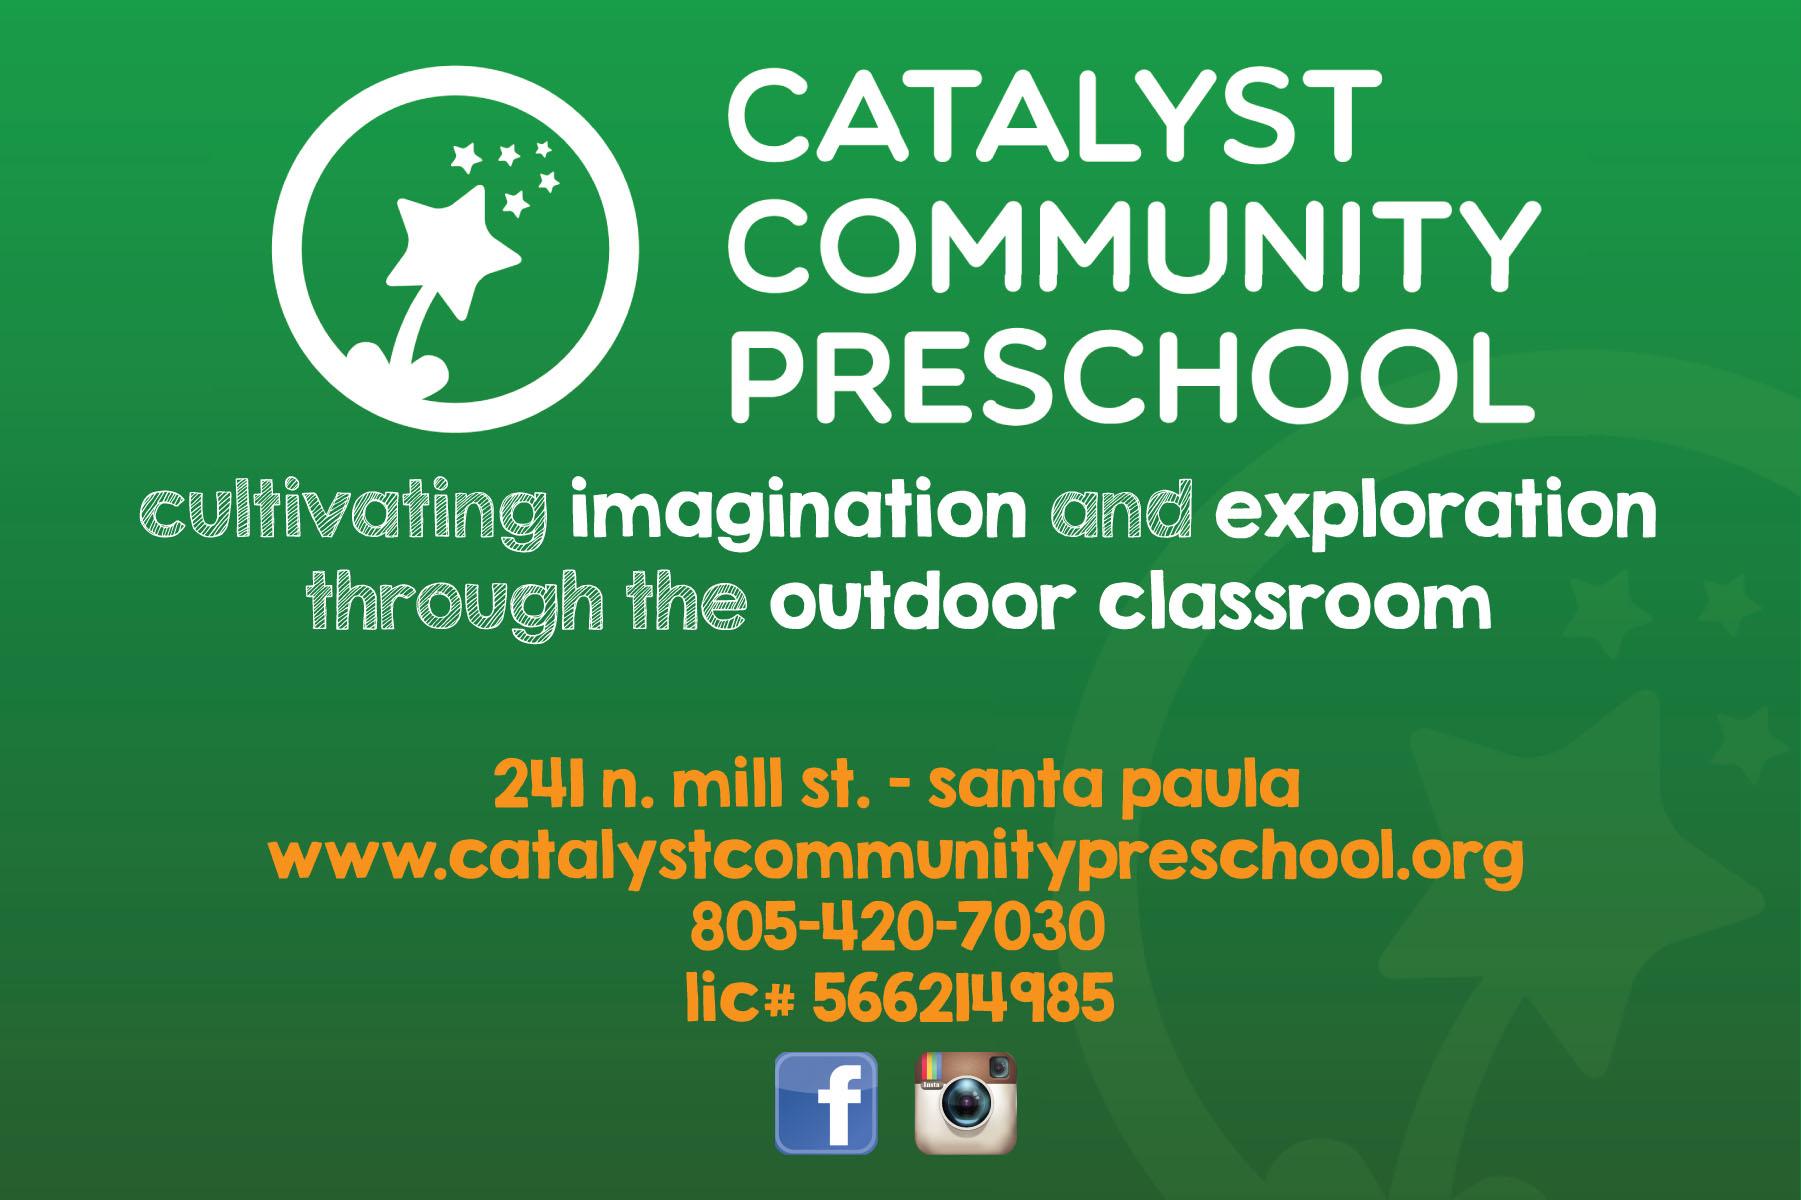 Catalyst Community Preschool Santa Paula